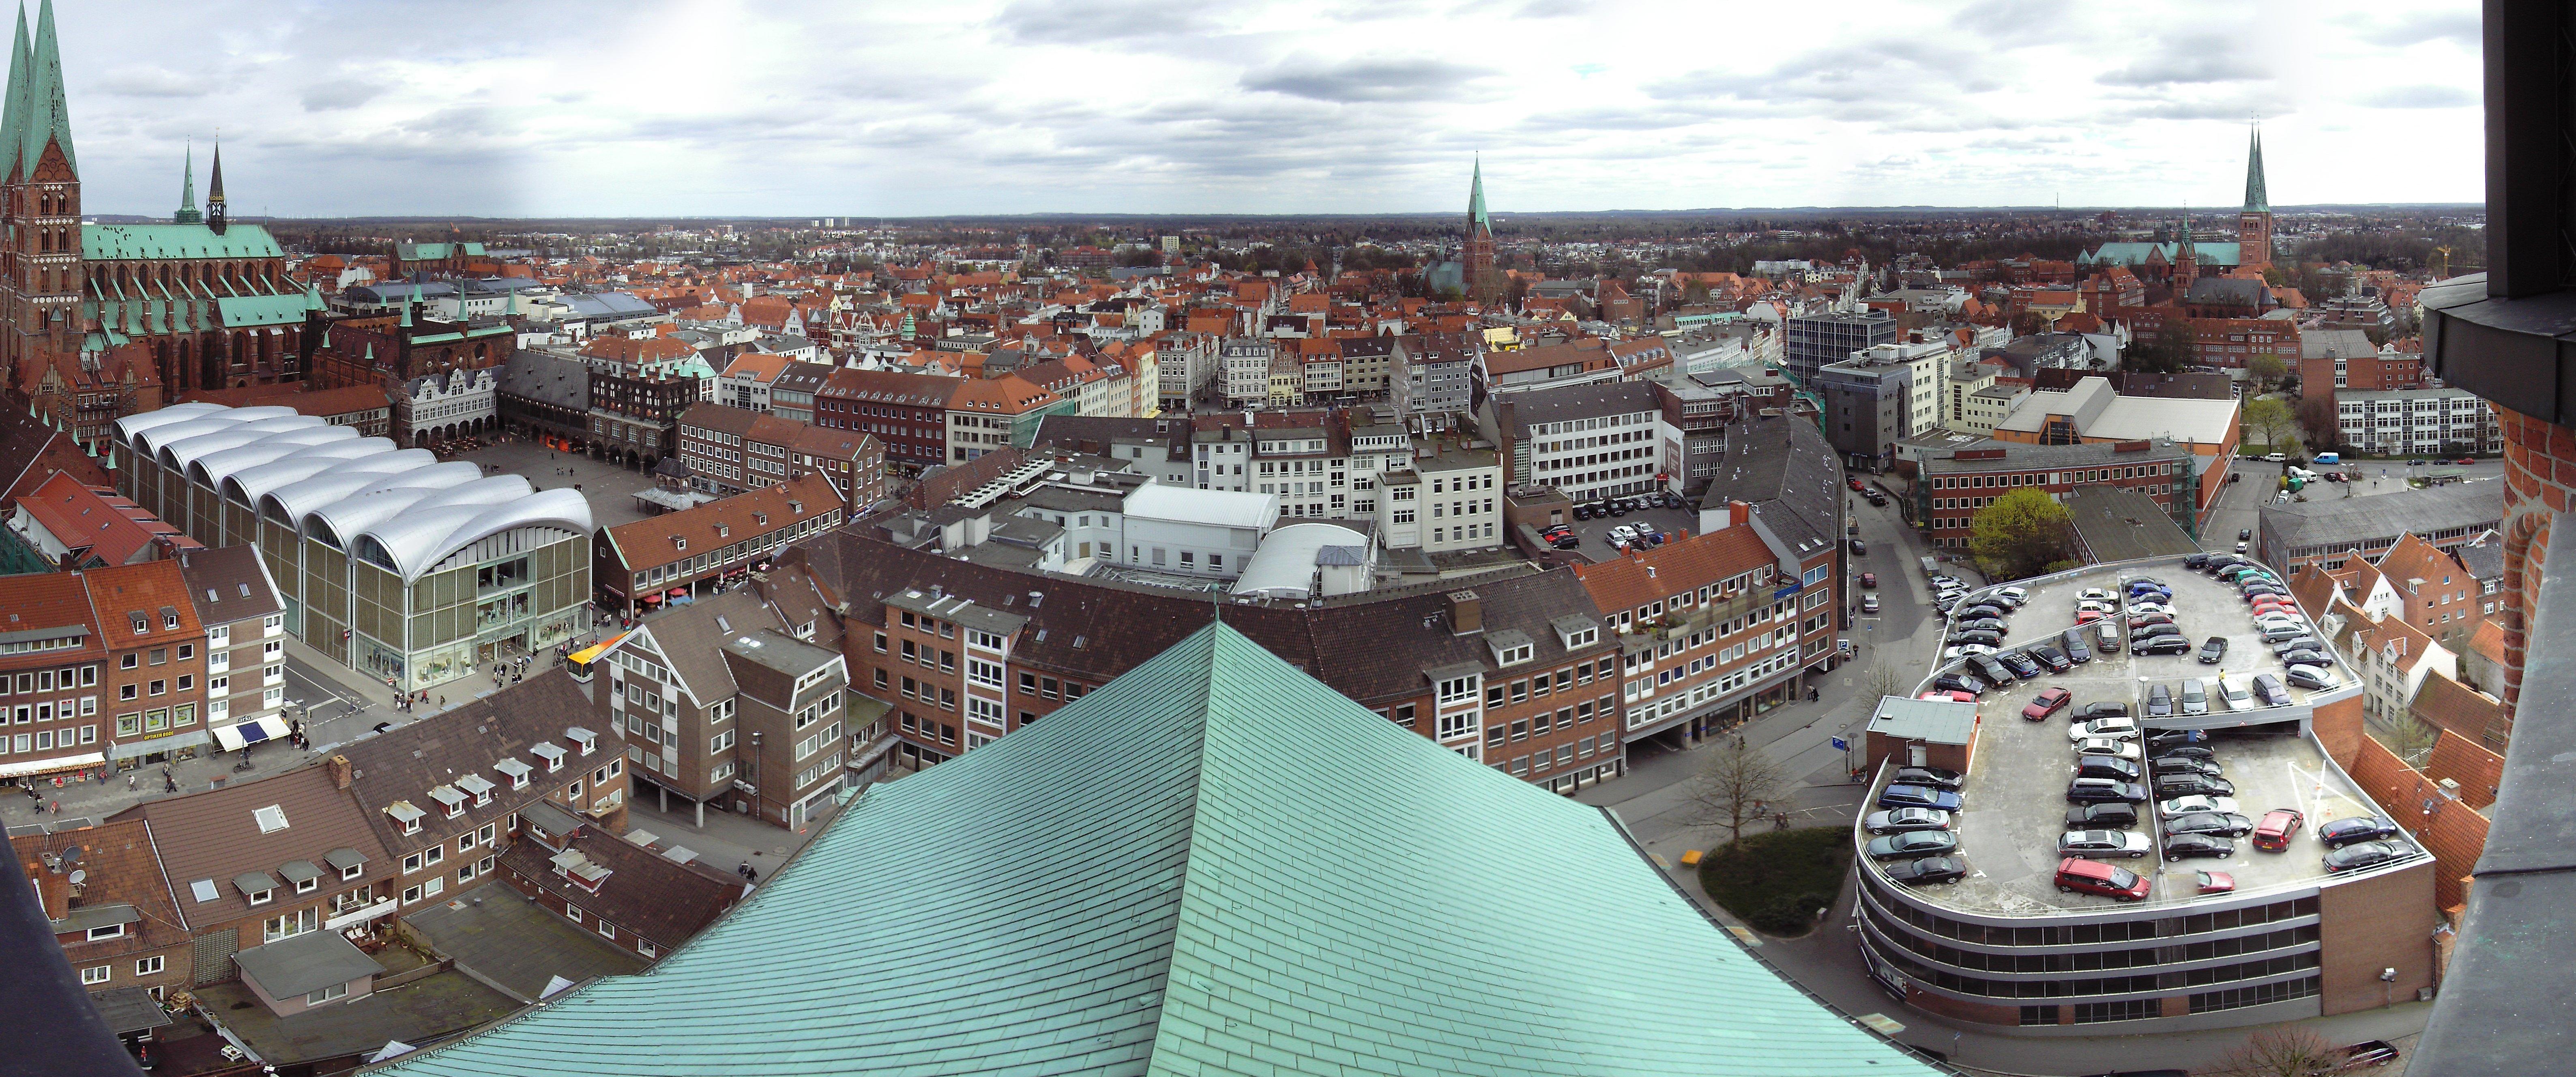 Panorama der Aussicht von St. Petri in Lübeck nach Osten